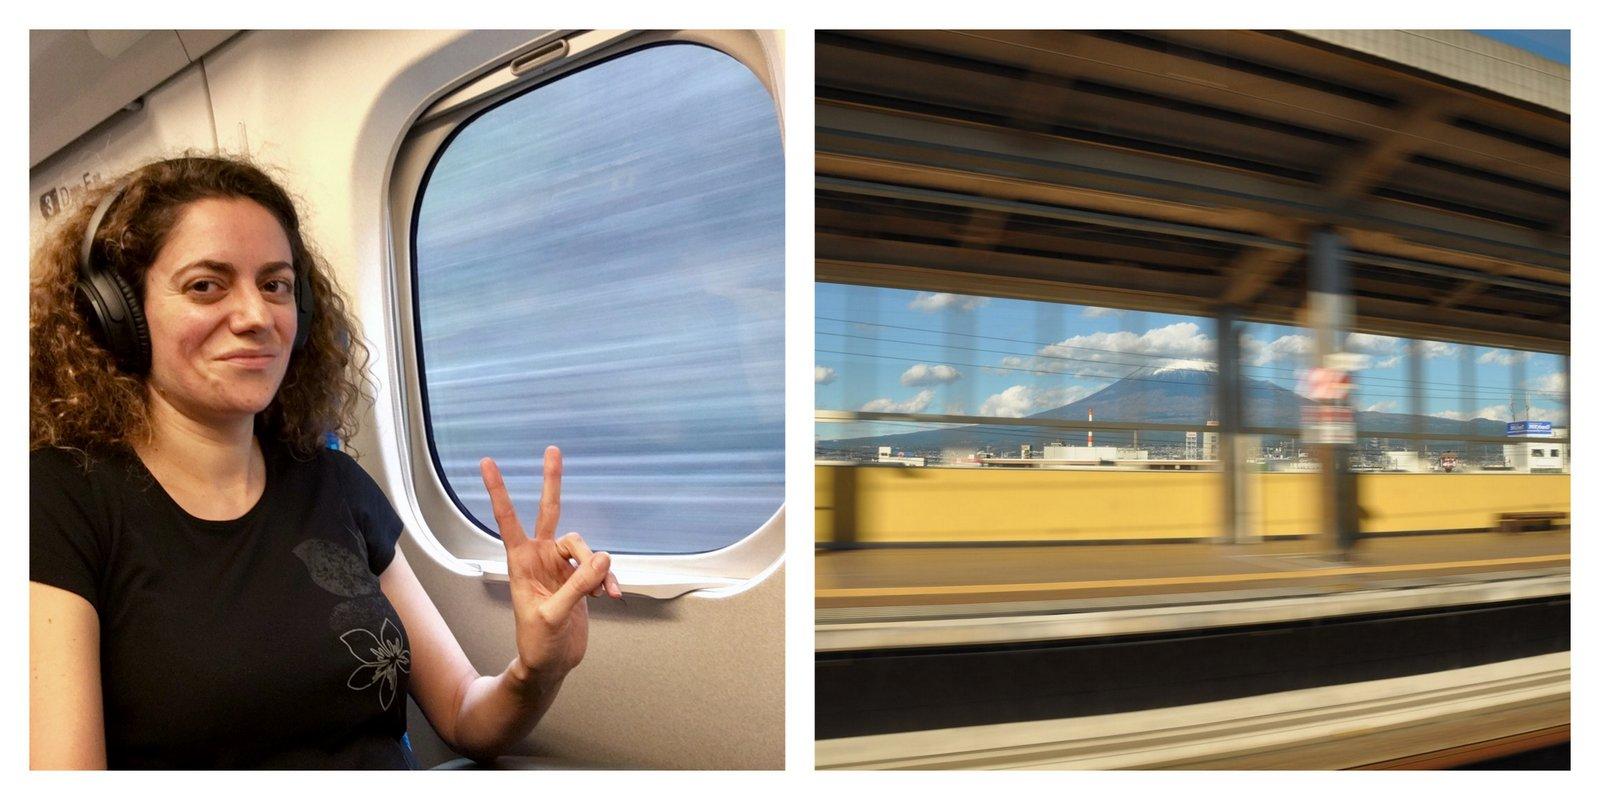 Voyage à bord du Shinkansen, le TGV japonais, entre Kyoto et Tokyo